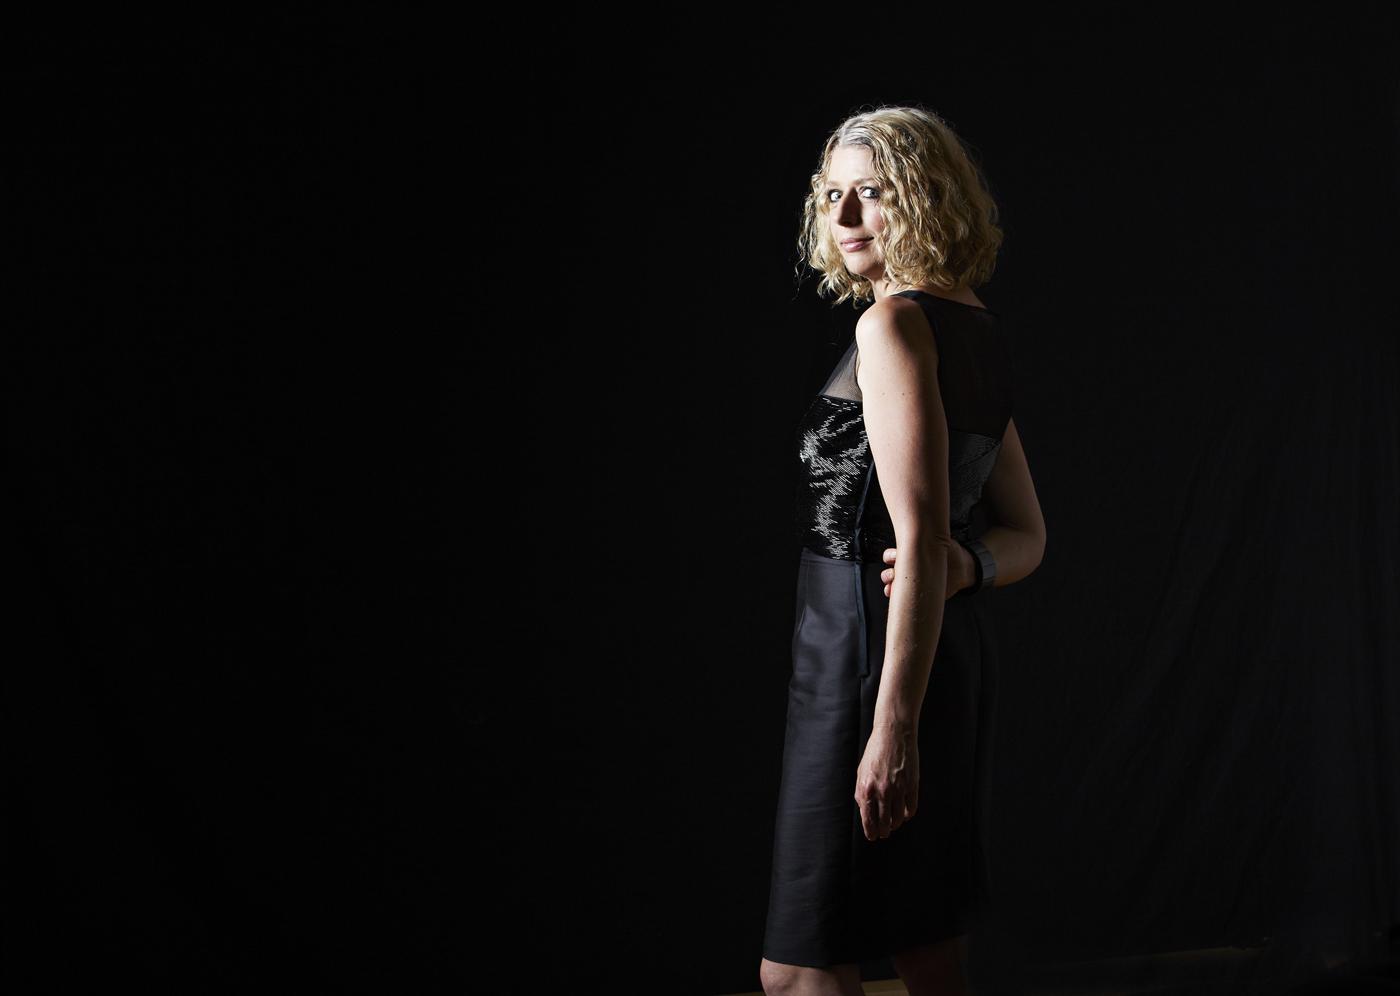 Jacqueline Cullen portrait